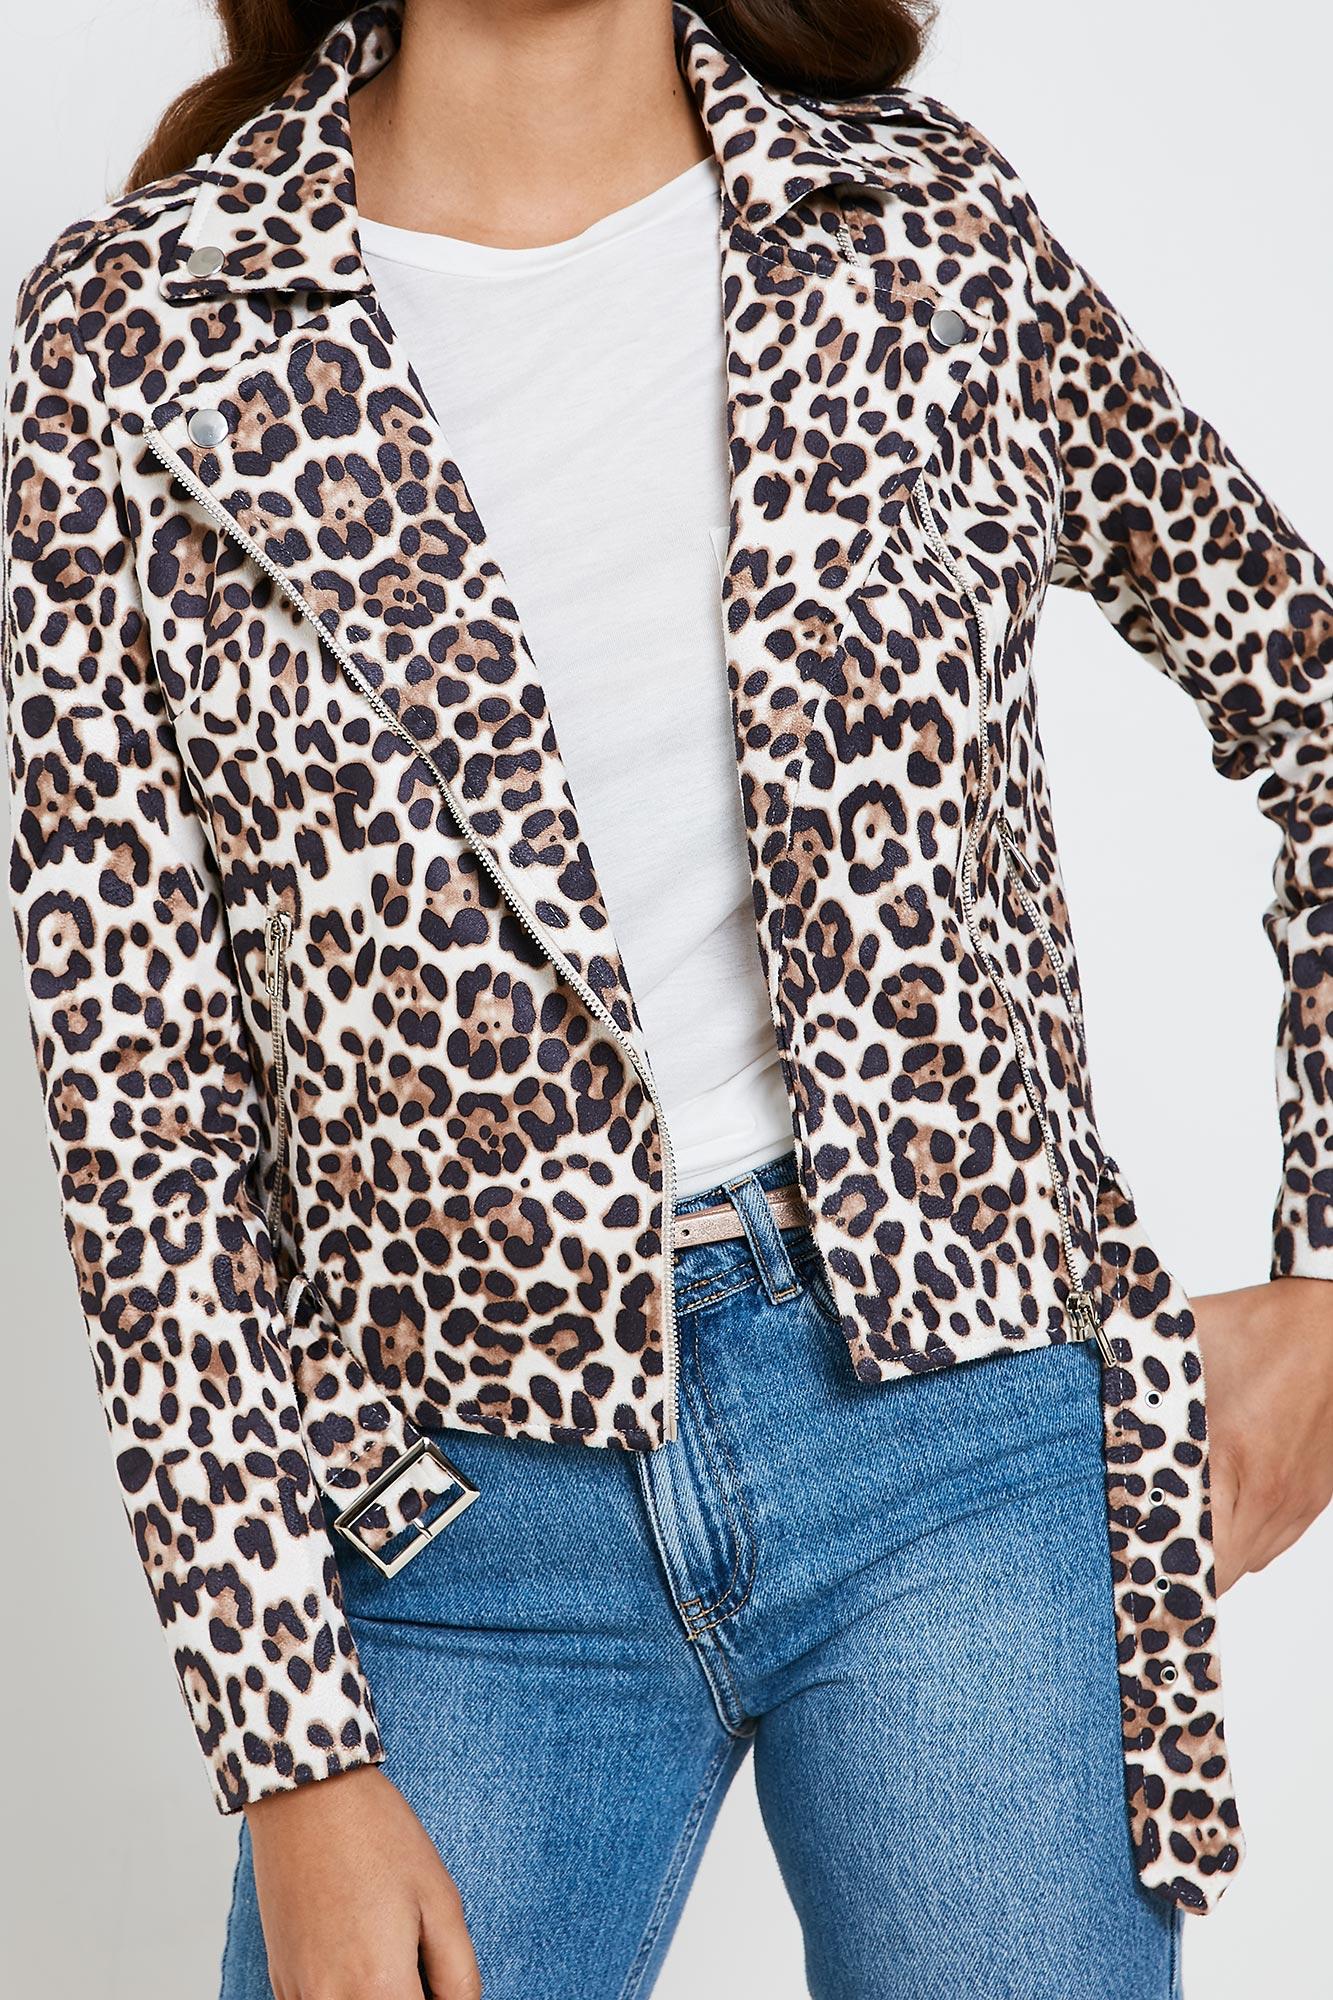 Brand Attic Faux Suede Leopard Print Women's Biker Jacket | eBay